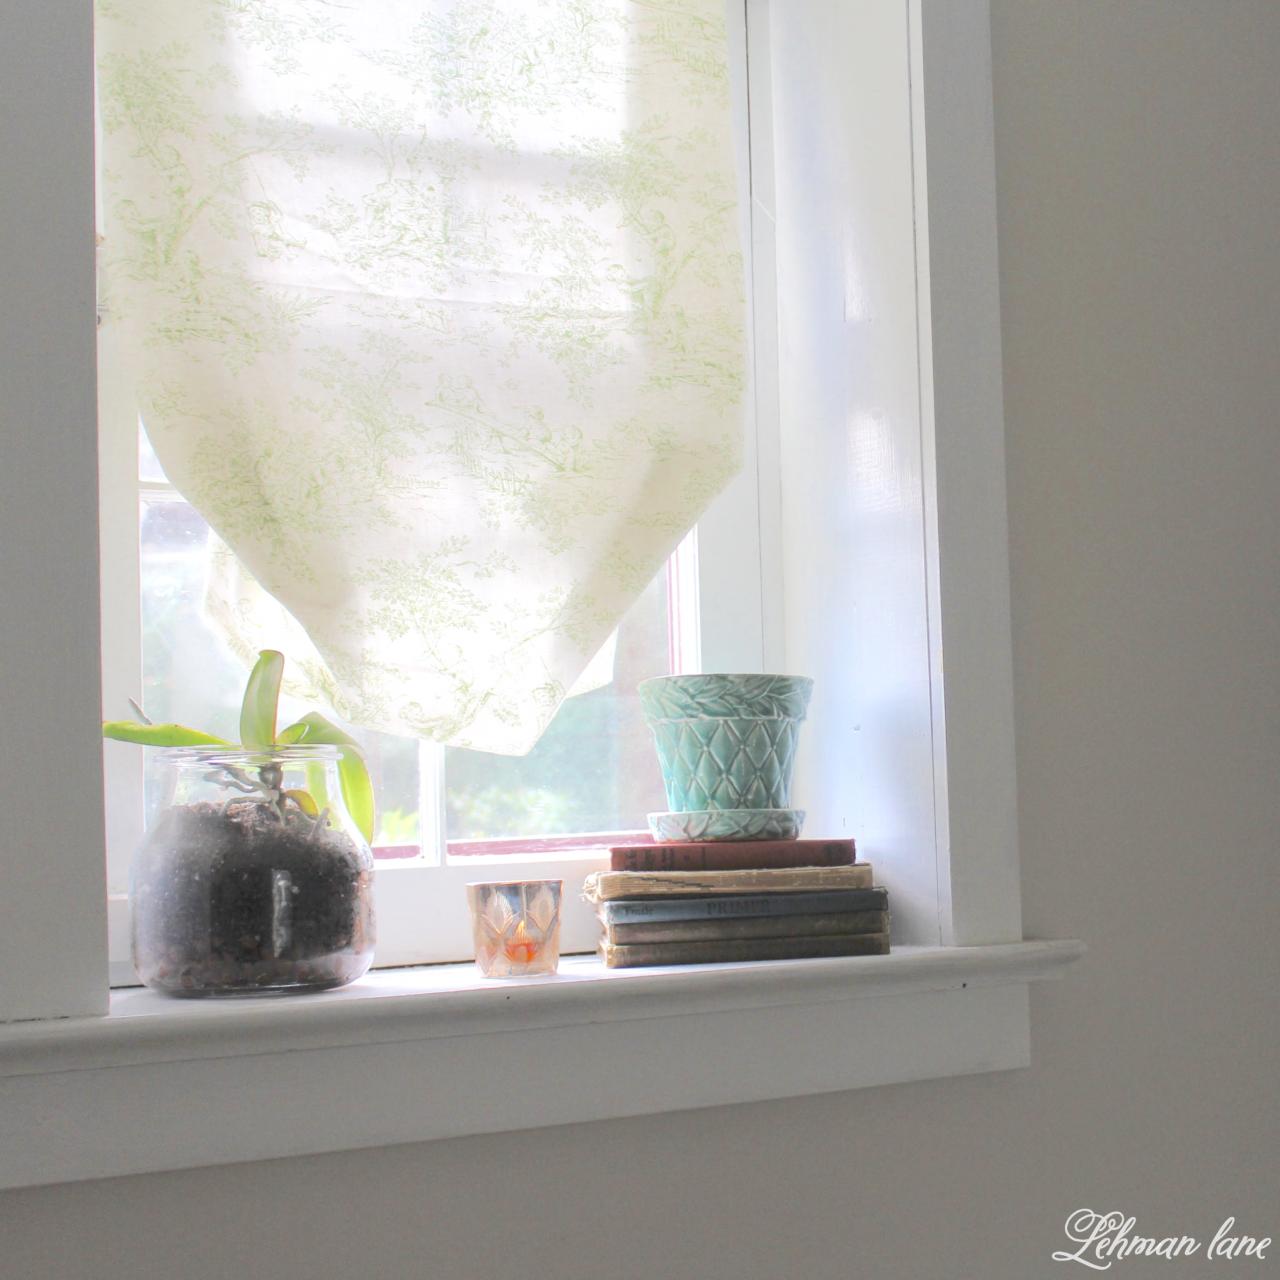 DIY Balloon Shade - bathroom window #ballonshade #diy #fabricshade http://lehmanlane.net